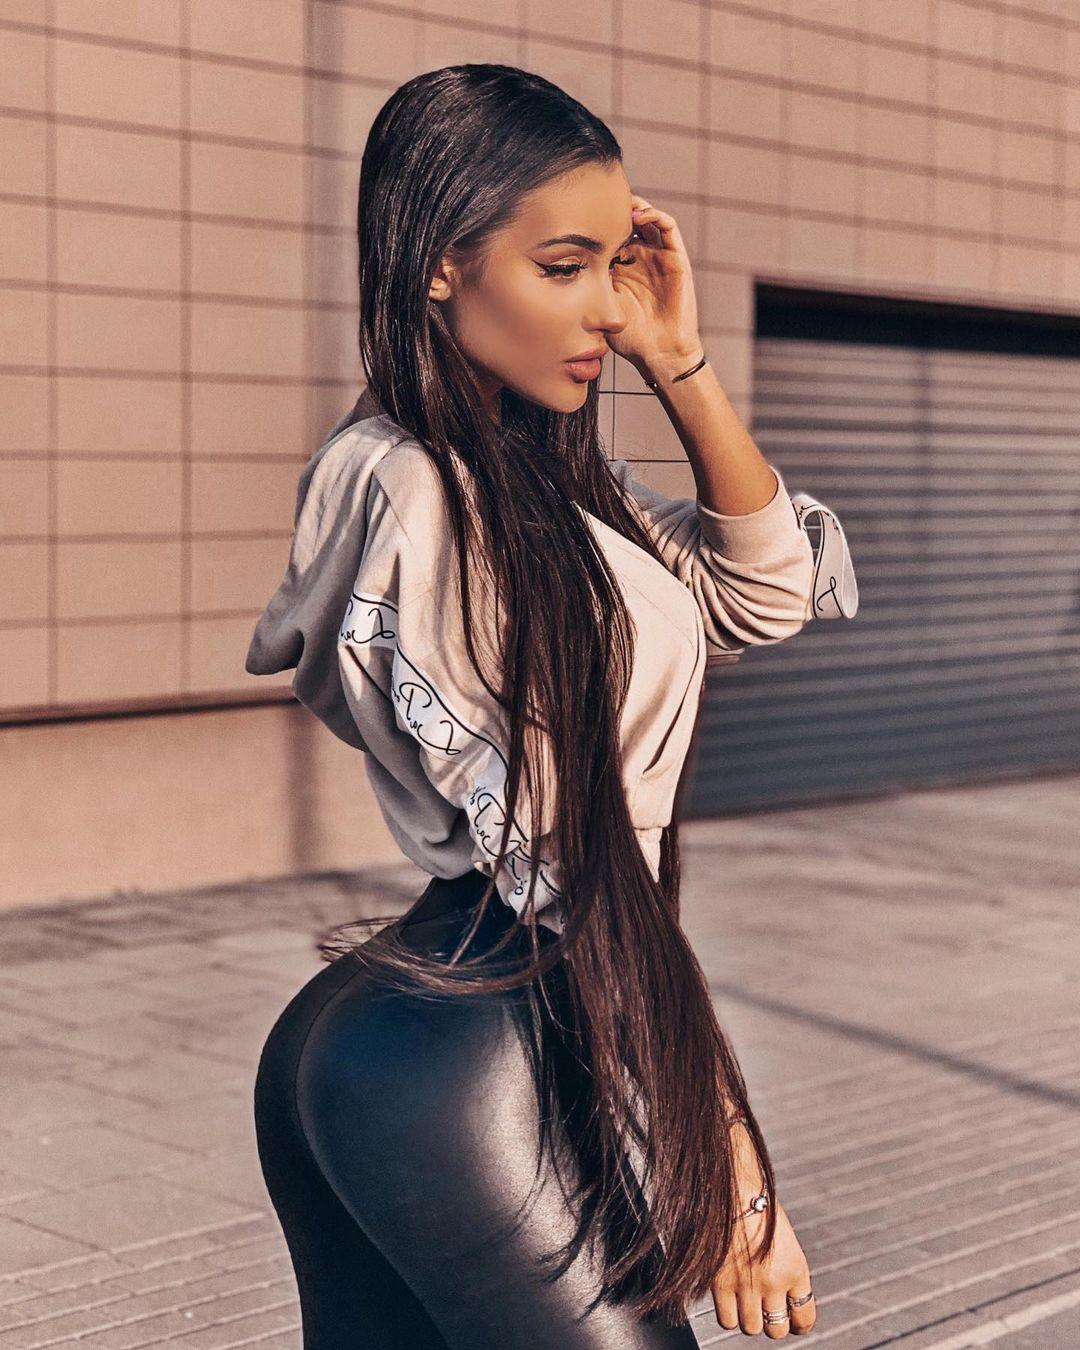 Viktorija-Jukonyte-7